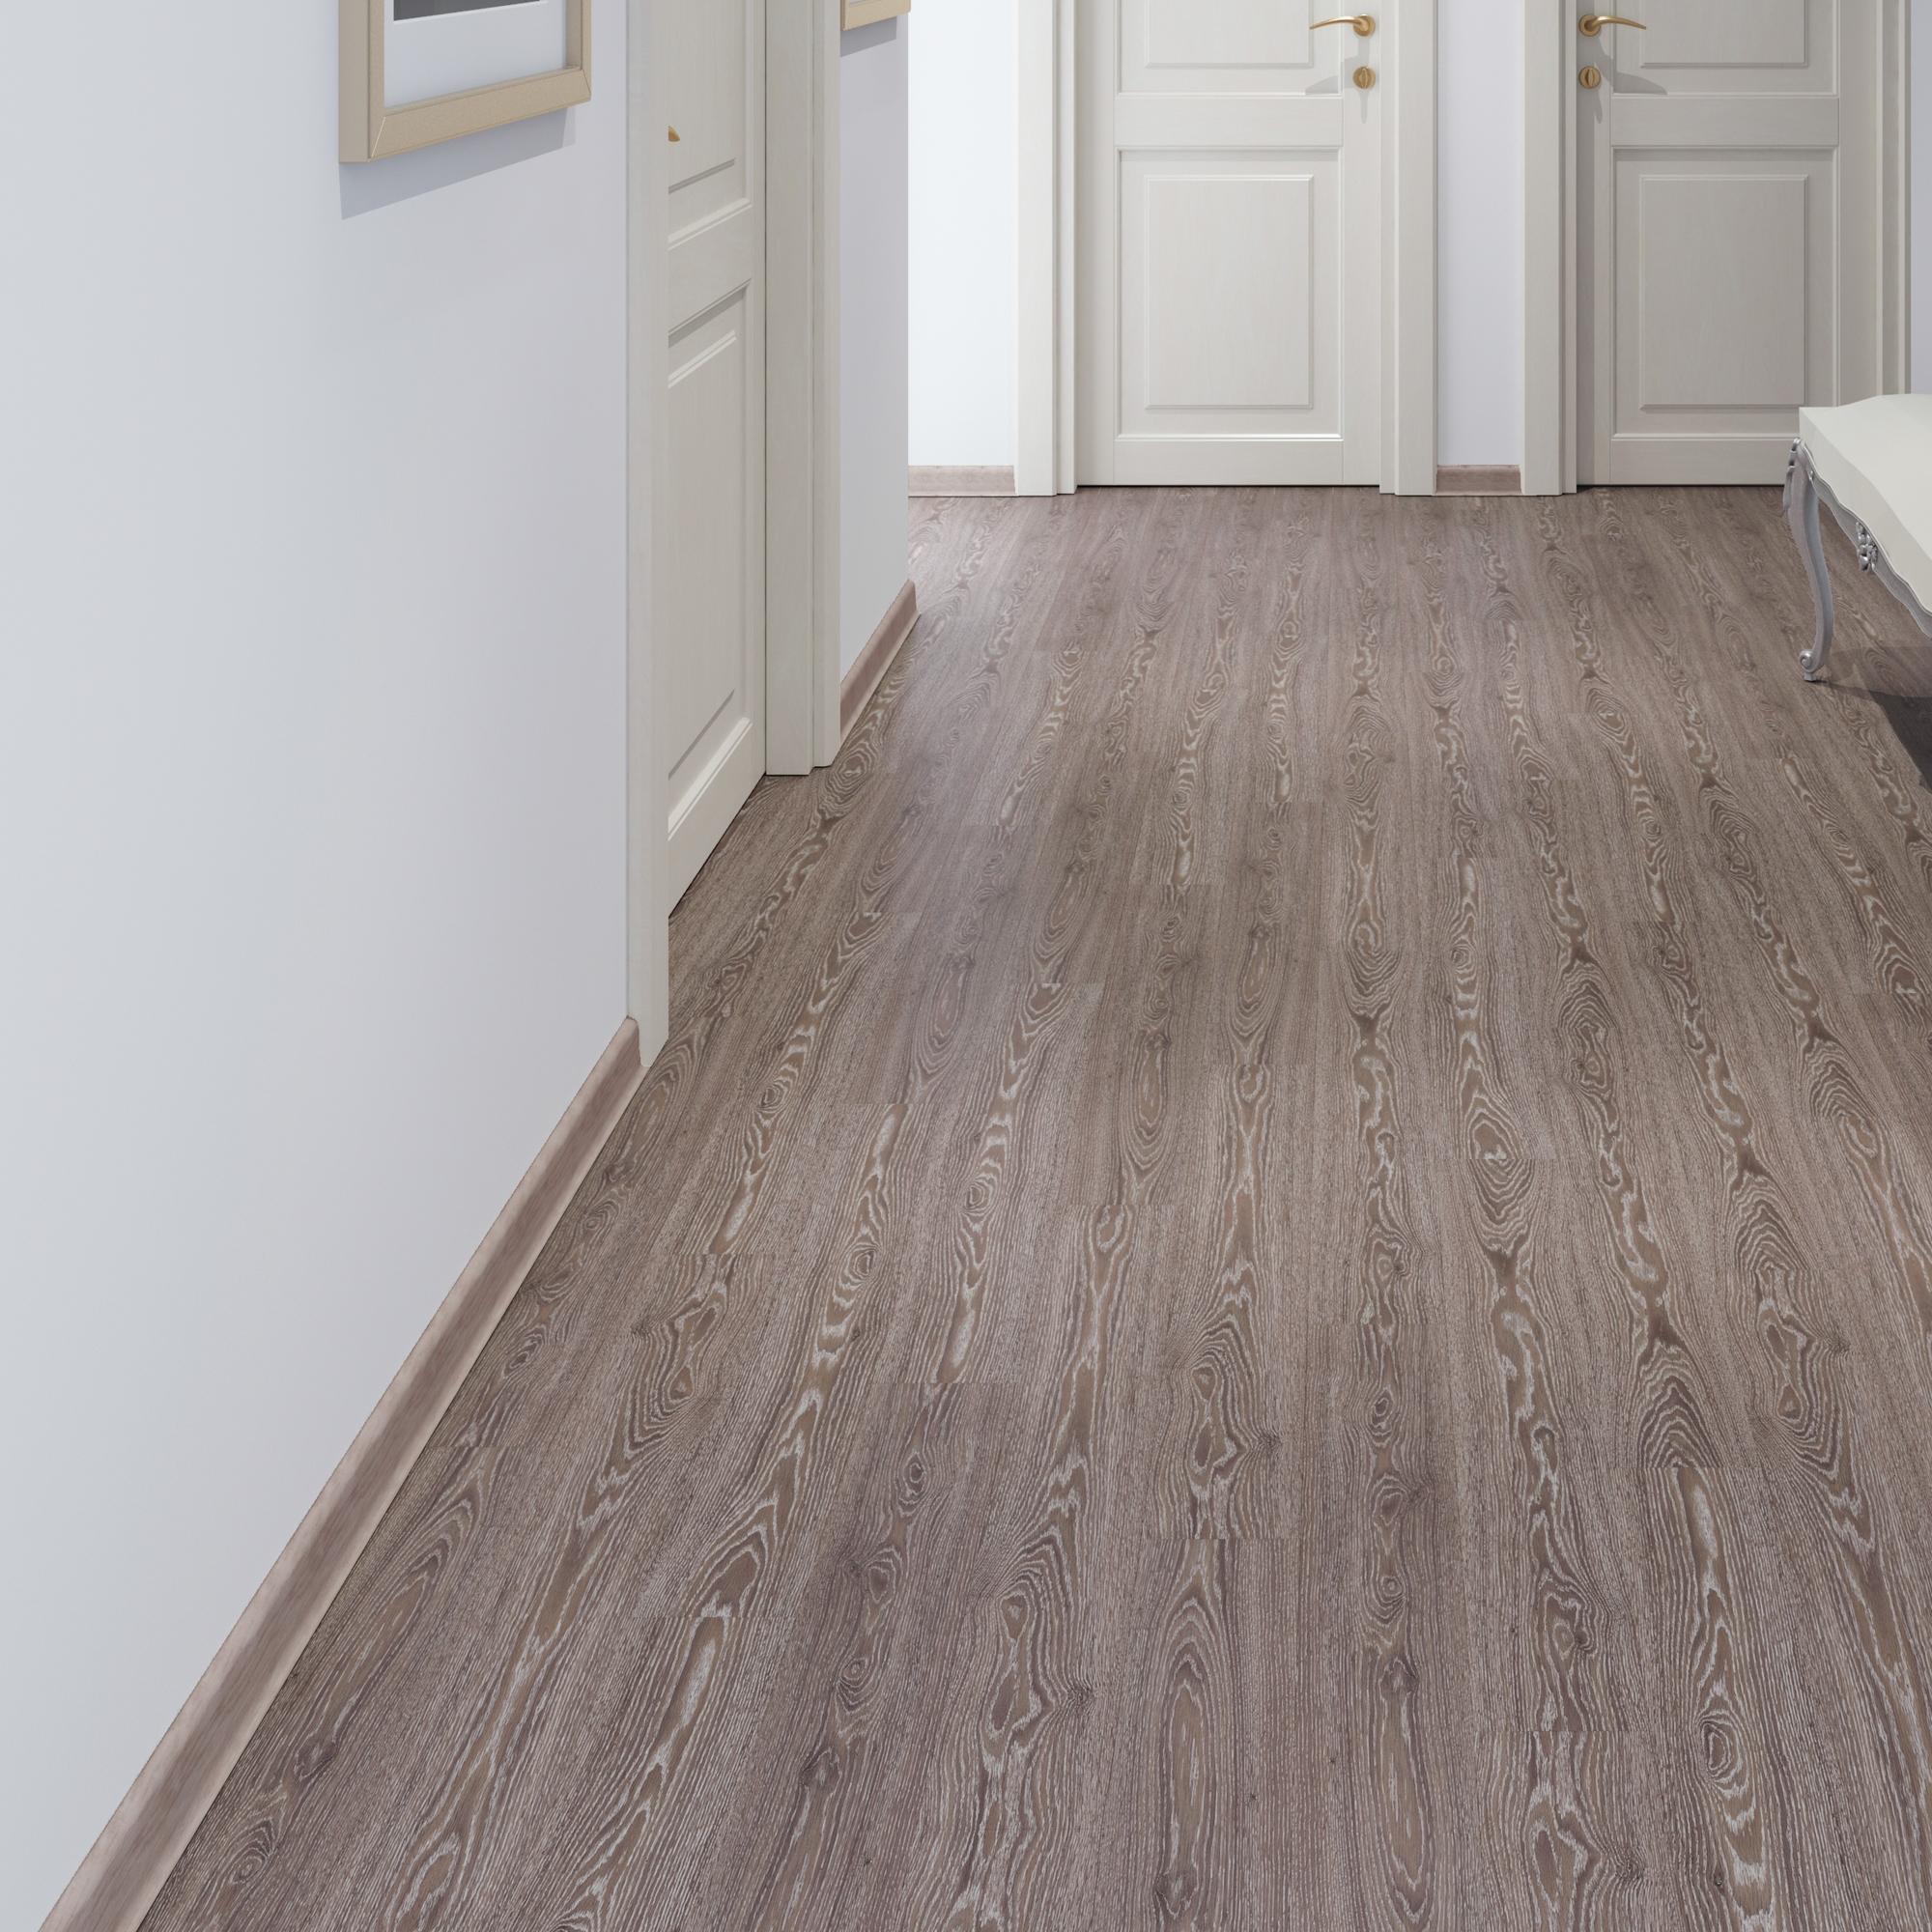 Ламинат «Ель стокгольм», 33 класс, толщина 8 мм, 2.153 м²